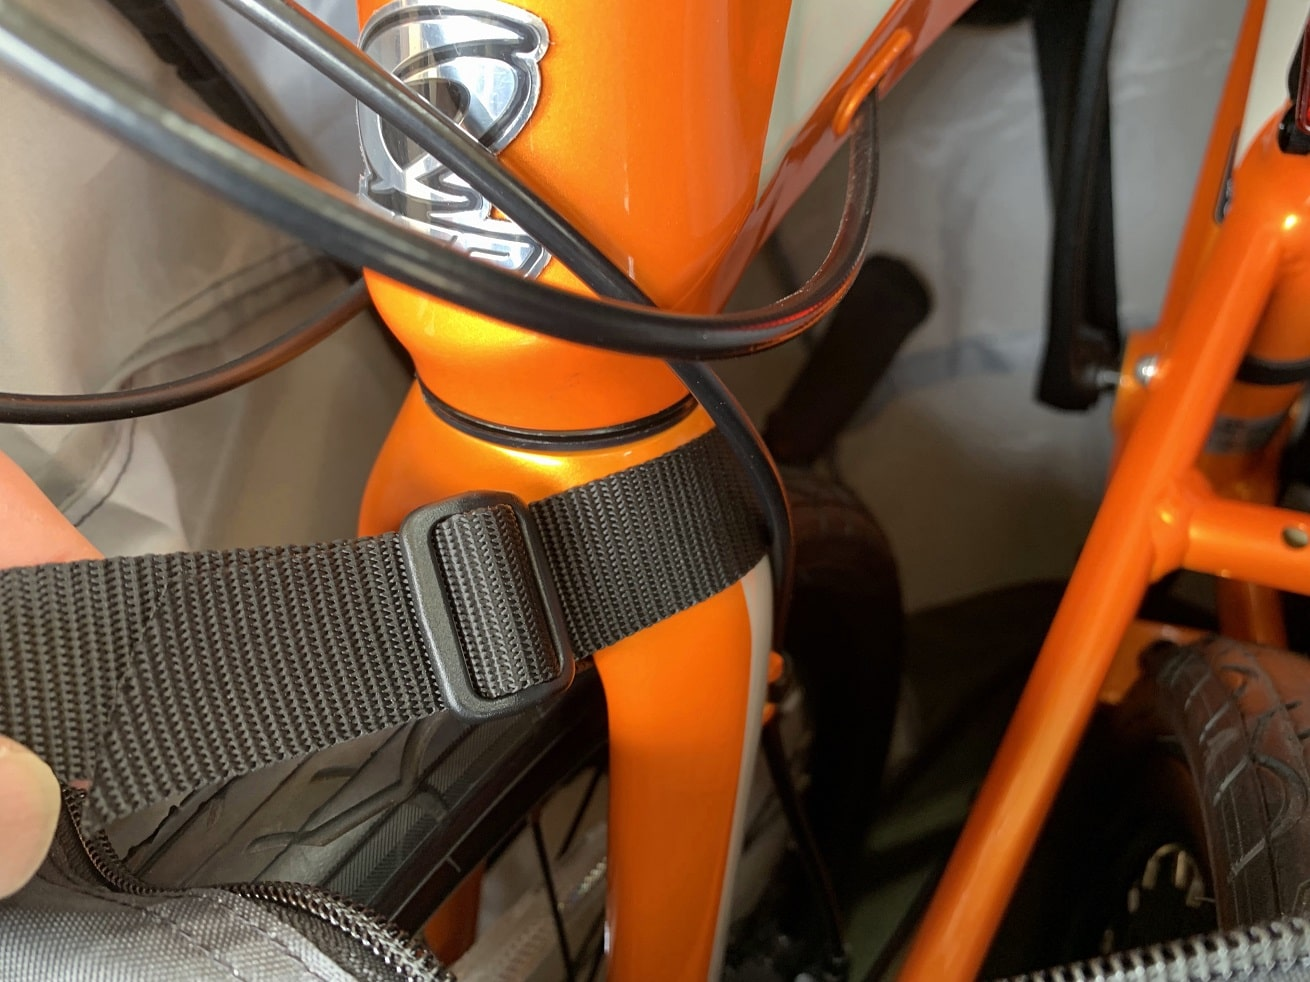 ちび輪バッグ輪行袋の前方フレームのフロントフォーク部分にショルダーベルトを取り付ける